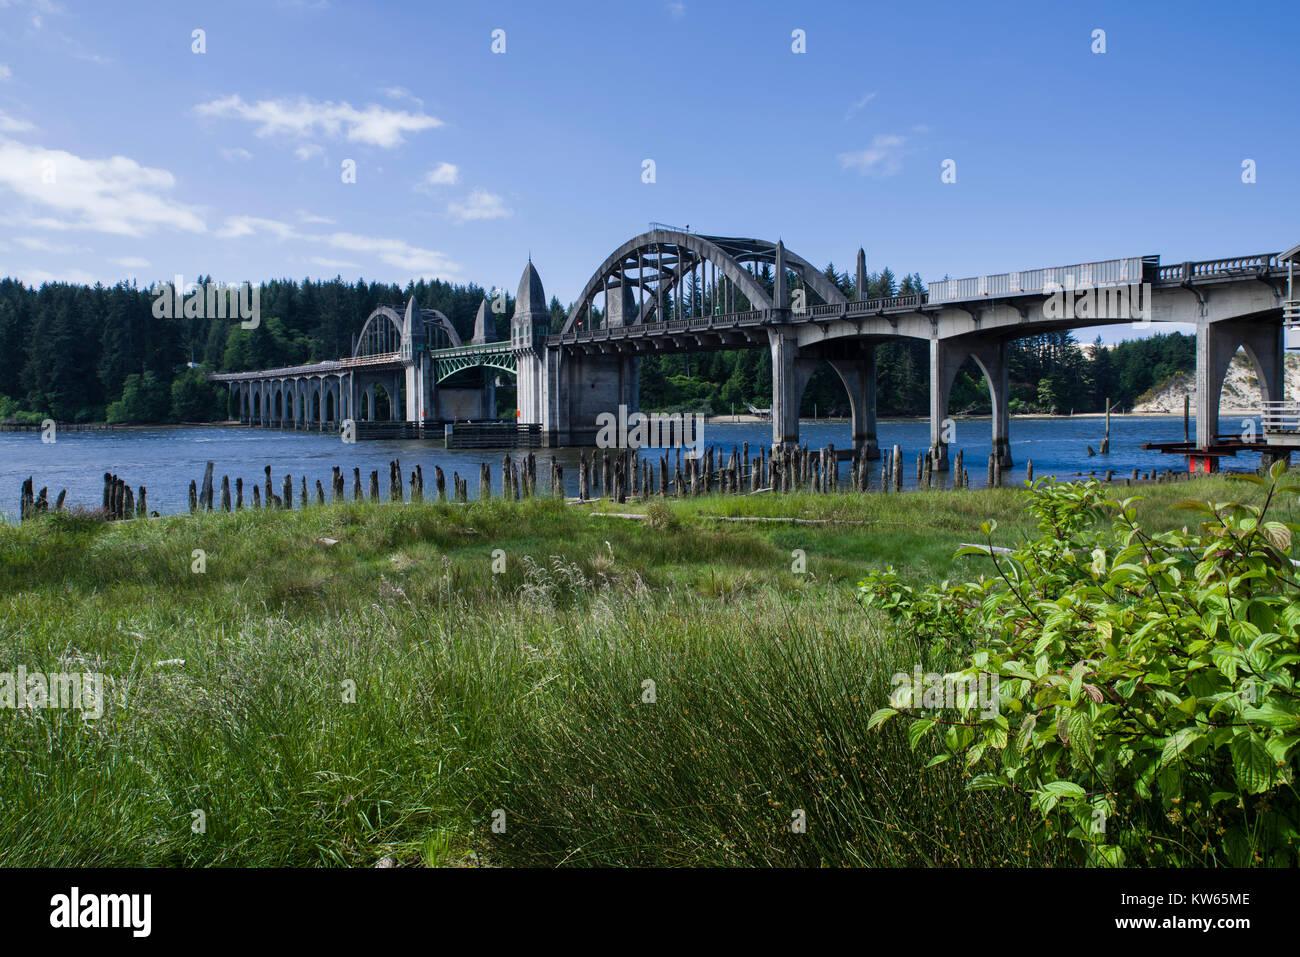 Die siuslaw River Bridge in Florenz, Oregon, USA wurde 1934 bis 1936 gebaut und kreuzt die Siuslaw River Stockbild